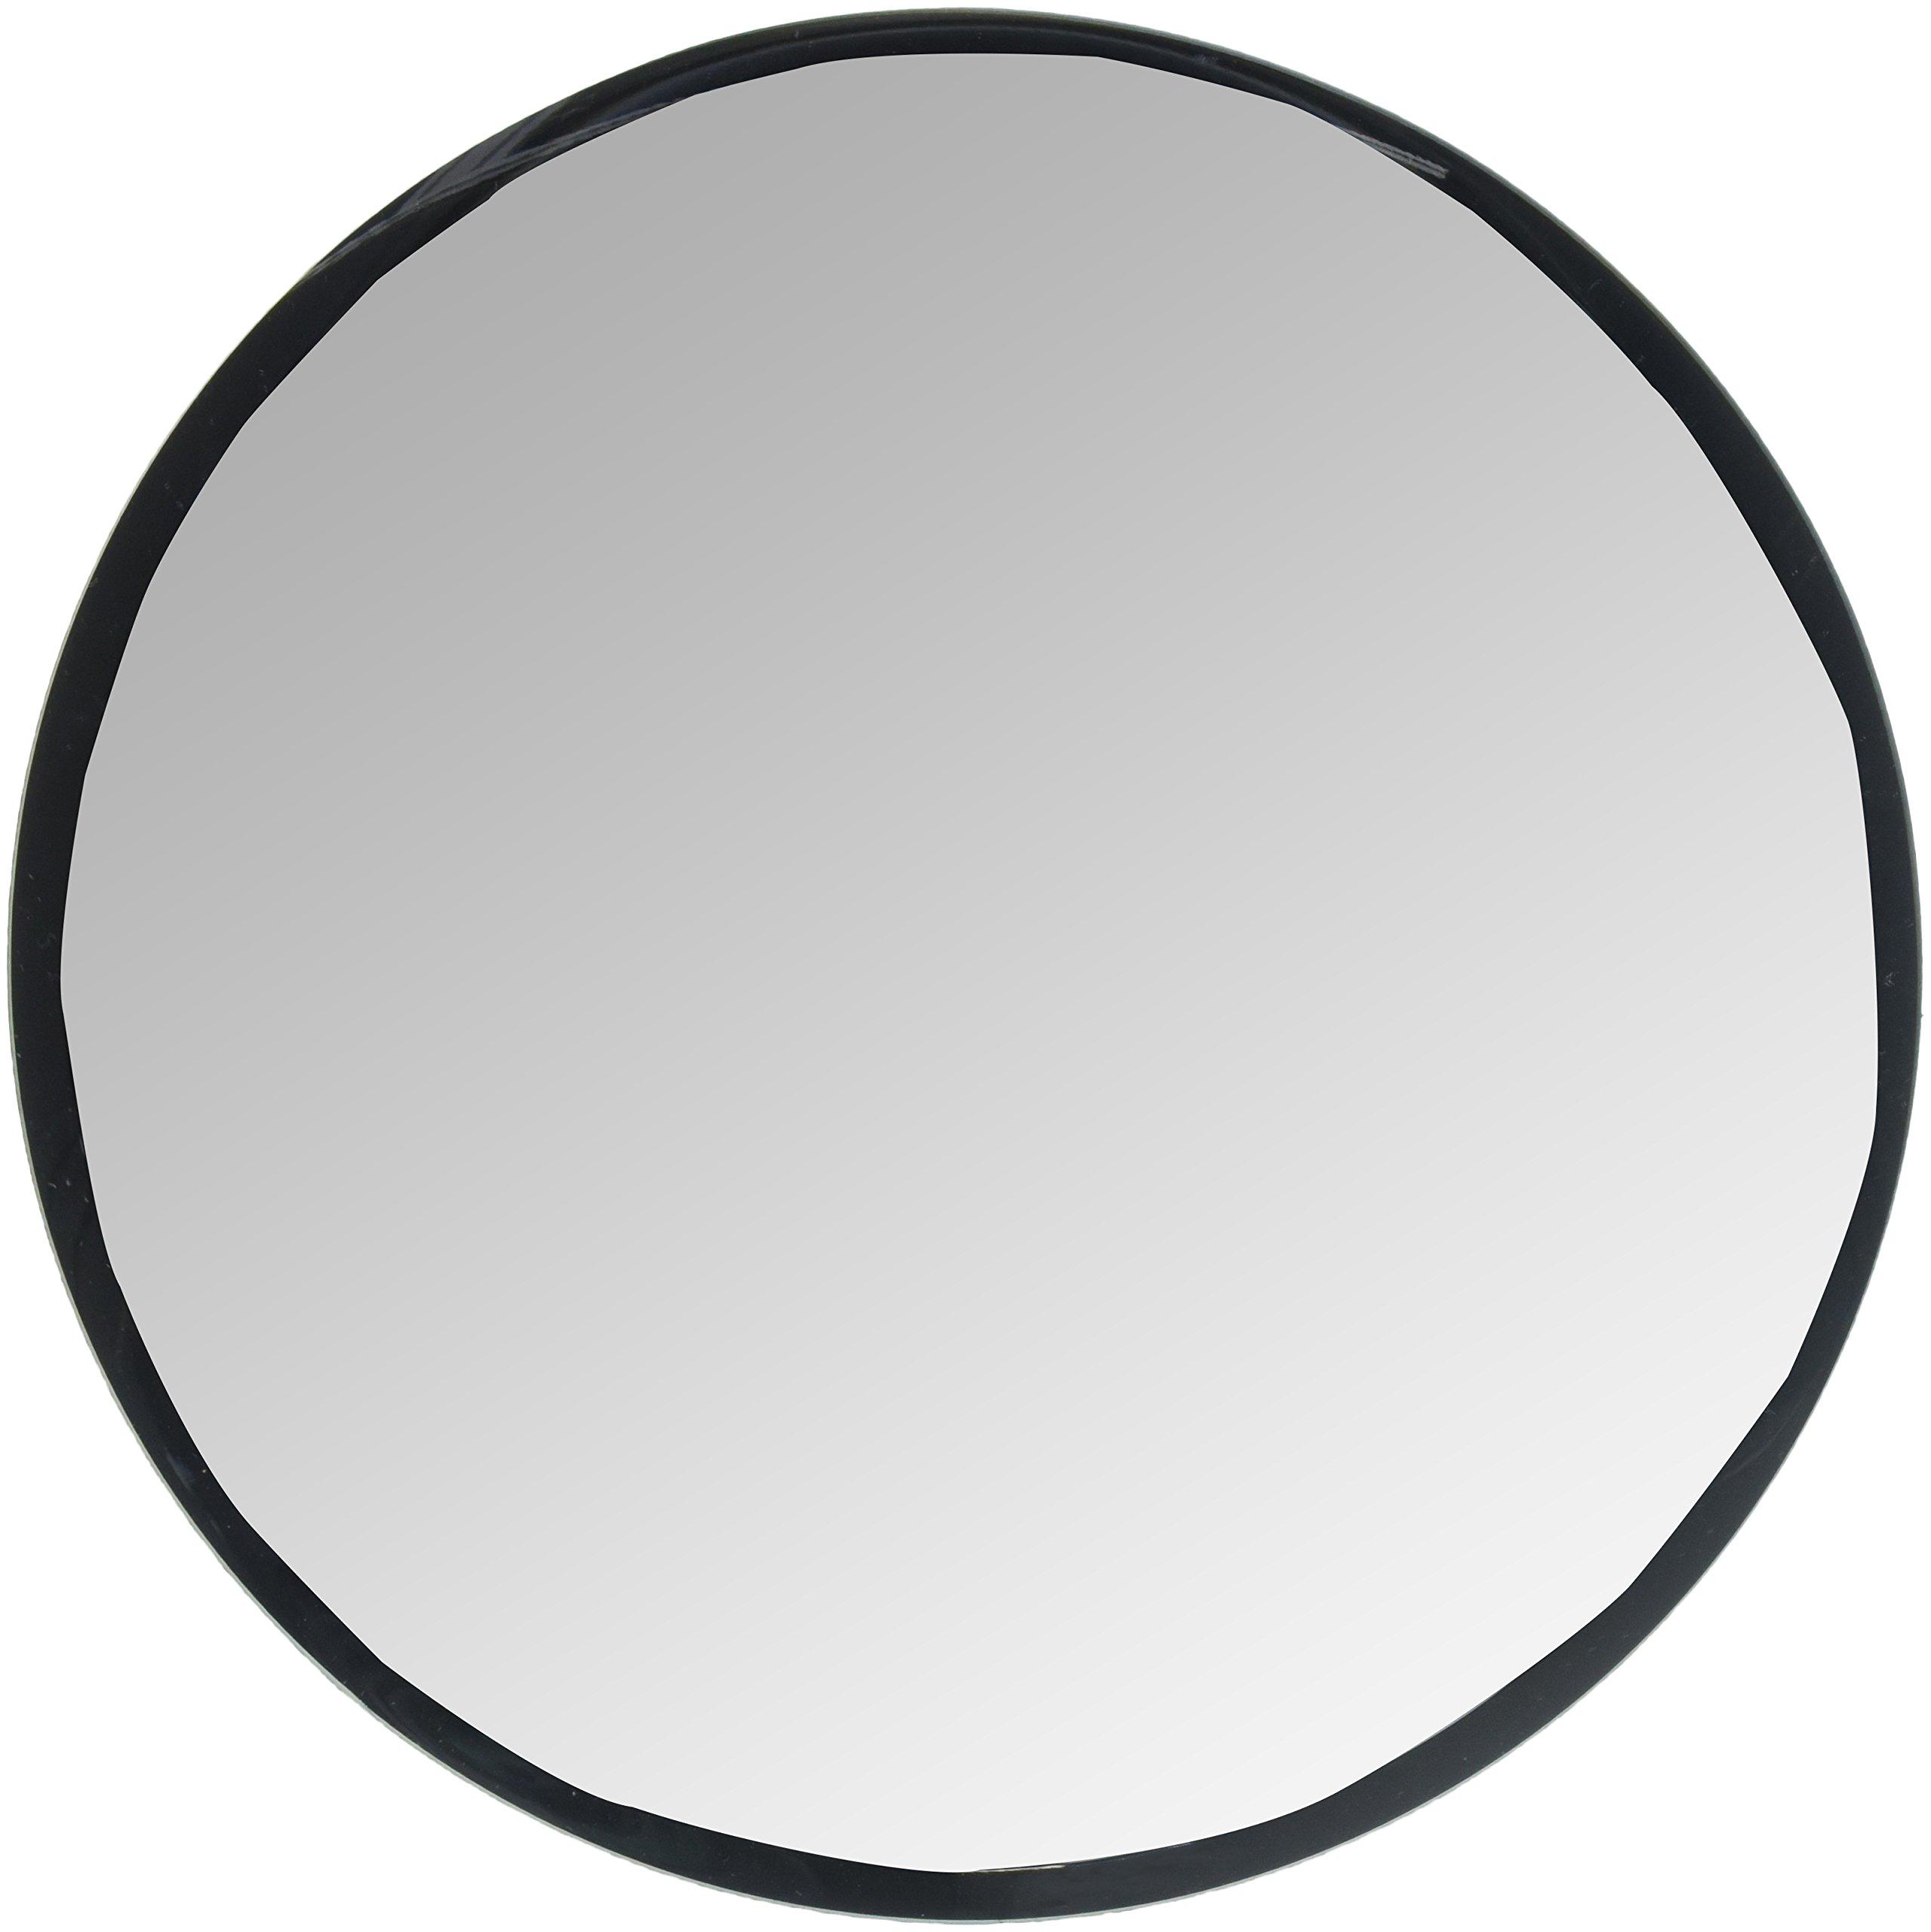 Darice 1636-104 Floral Mirror Round Pedestal 12 Inches by Darice